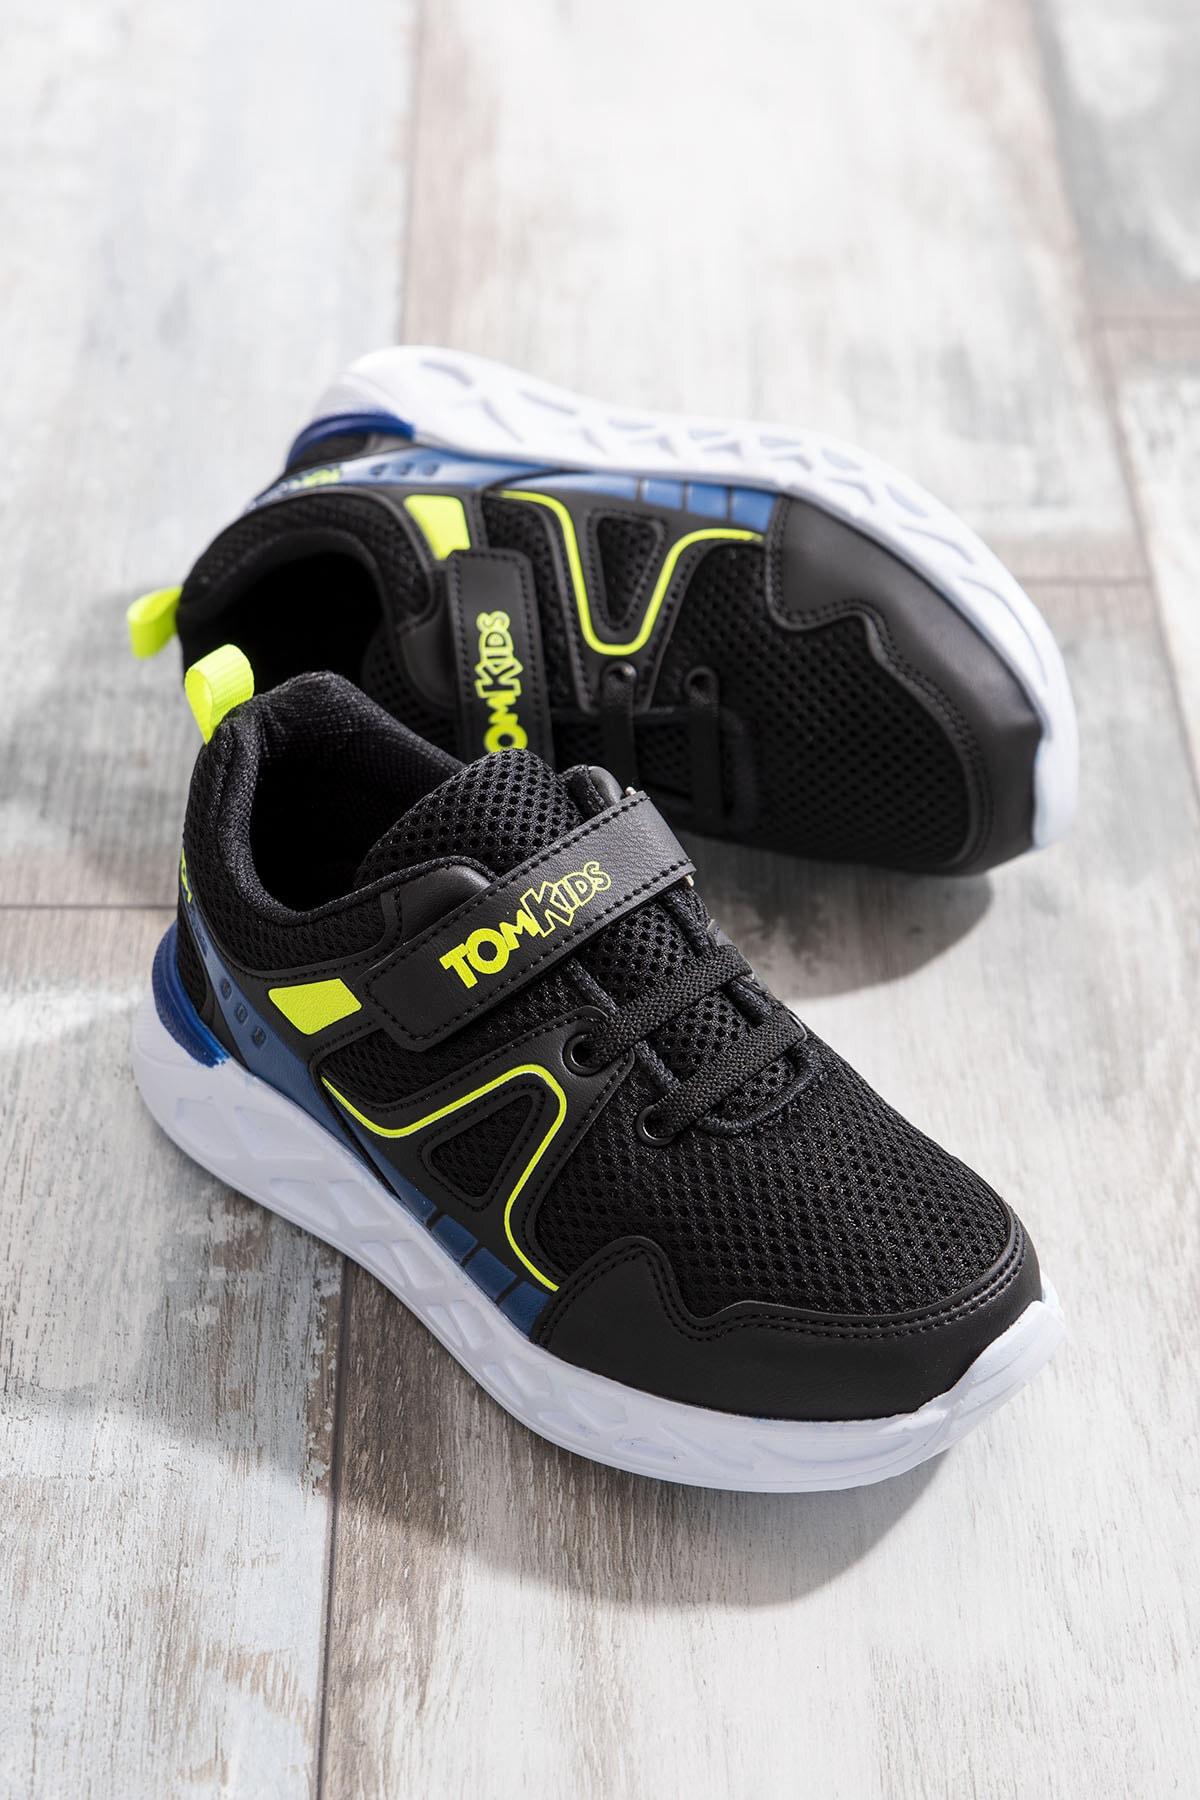 Tonny Black Erkek Çocuk Siyah Spor Ayakkabı TB3401-3 0